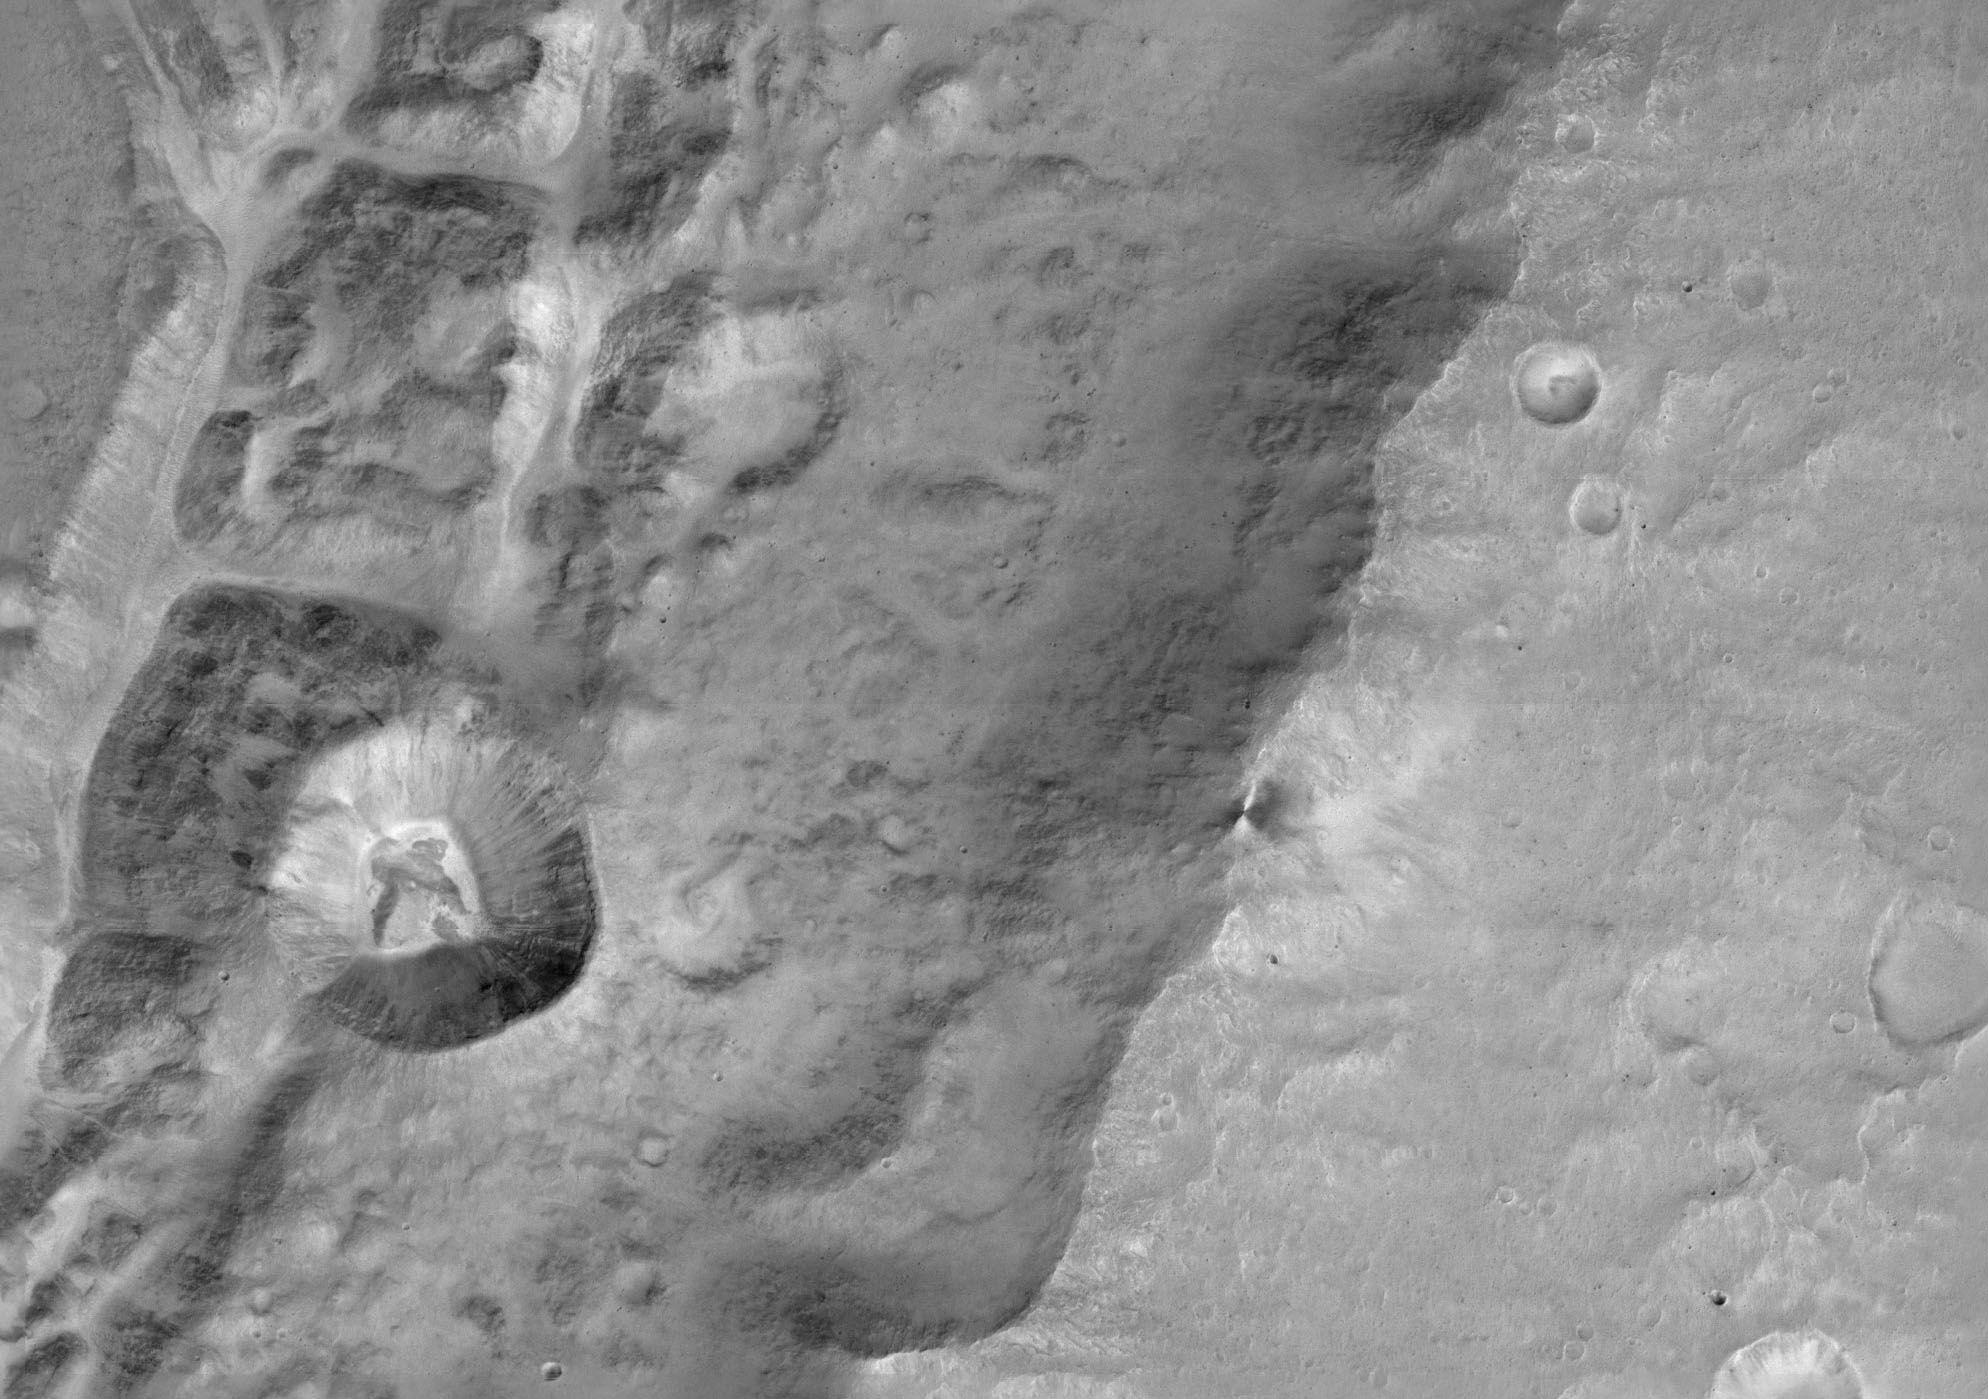 ExoMars: TGO invia le prime immagini dall'orbita di Marte